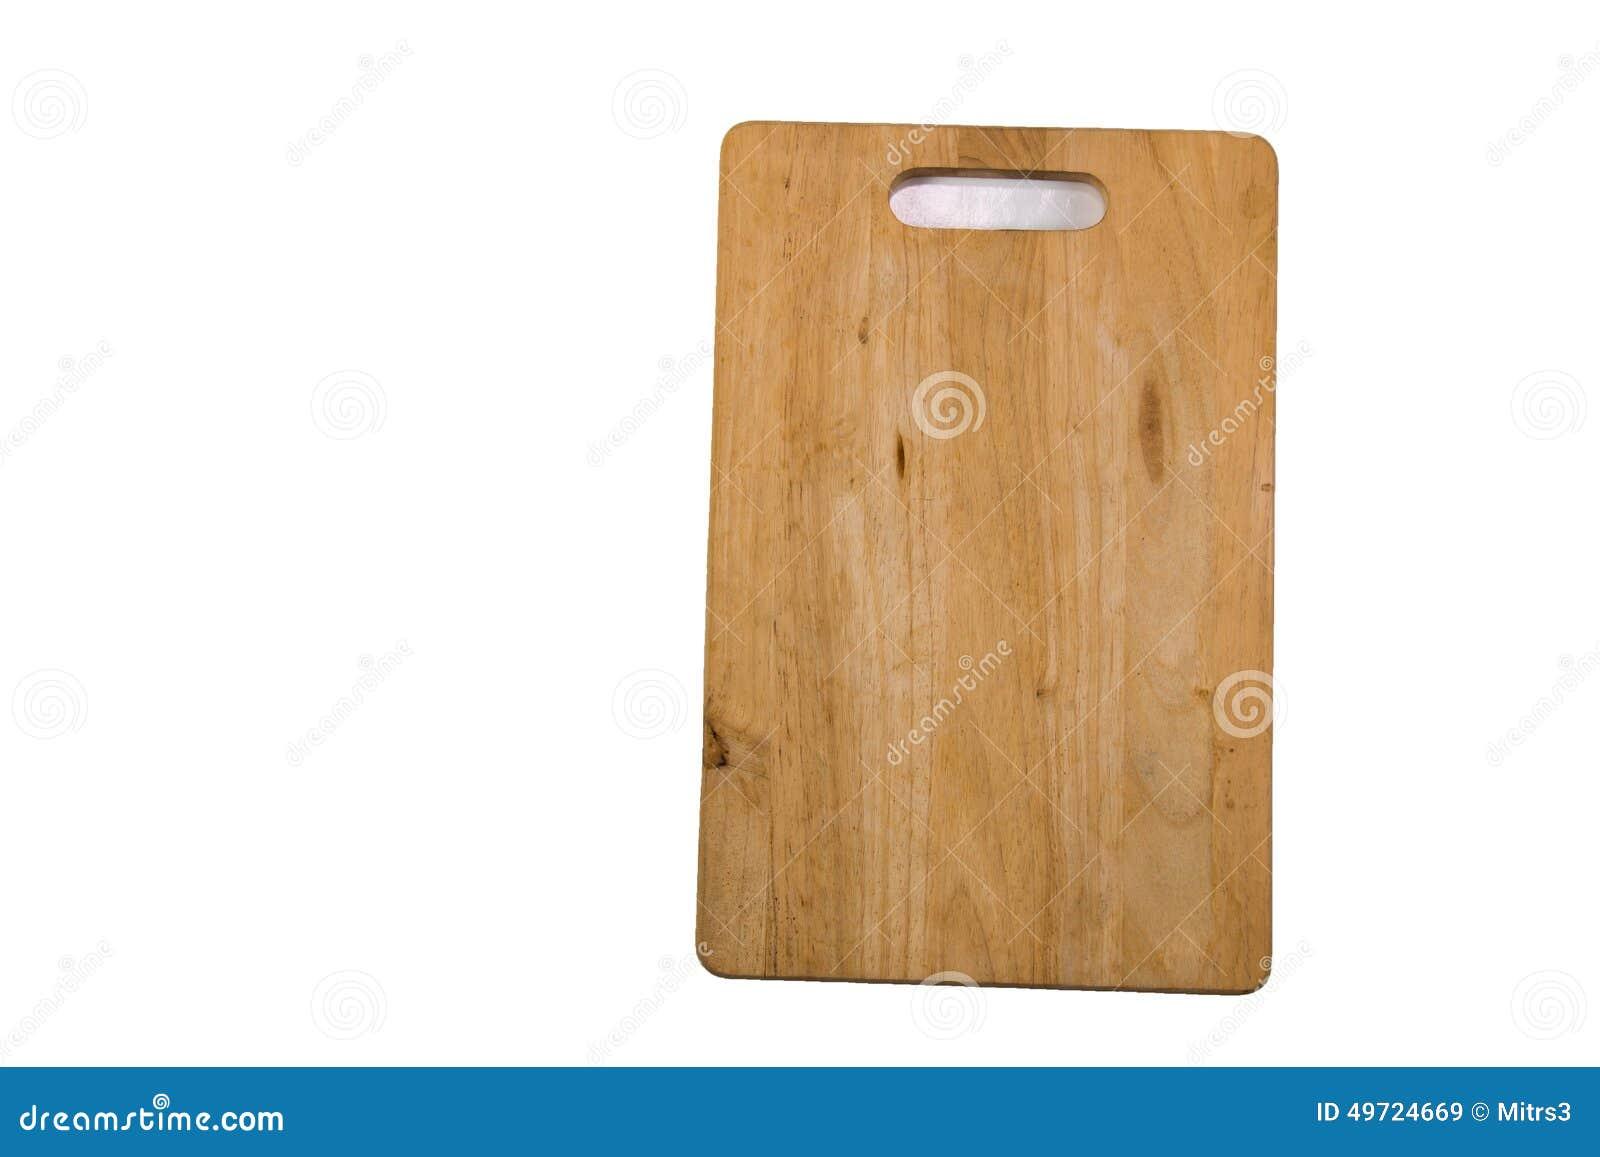 Taglio a blocchi della r e tagliare bordo a pezzi di legno for Obi taglio legno